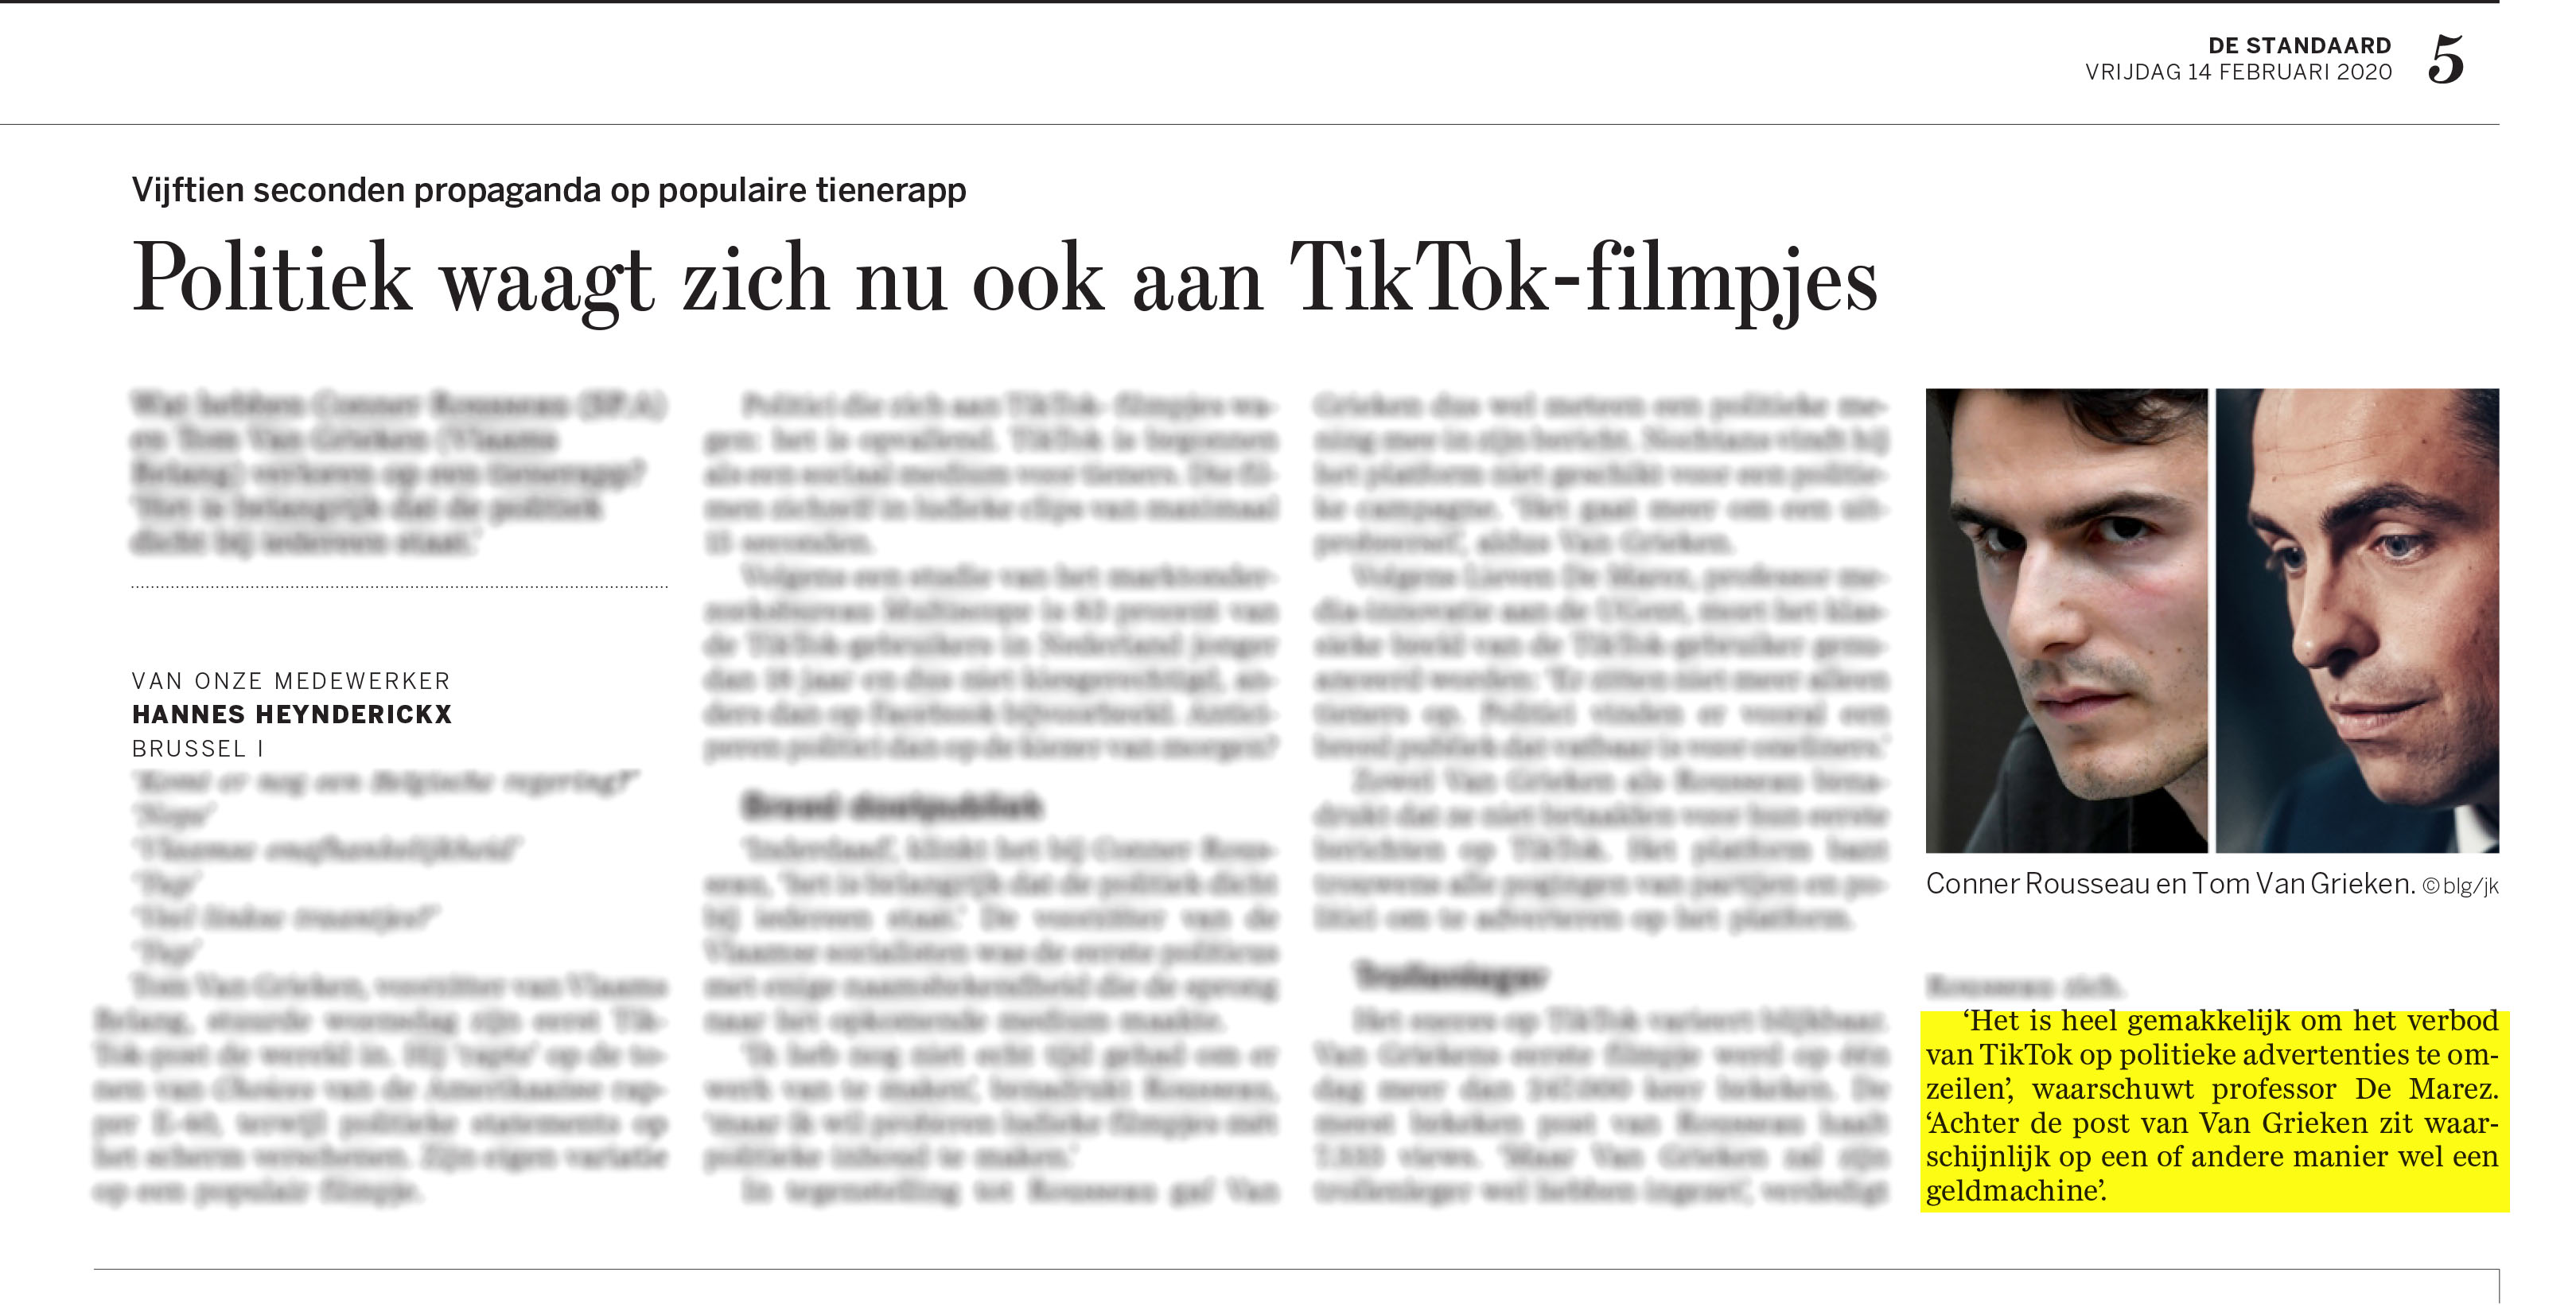 BRON: De Standaard, 14/02/2020, p 5